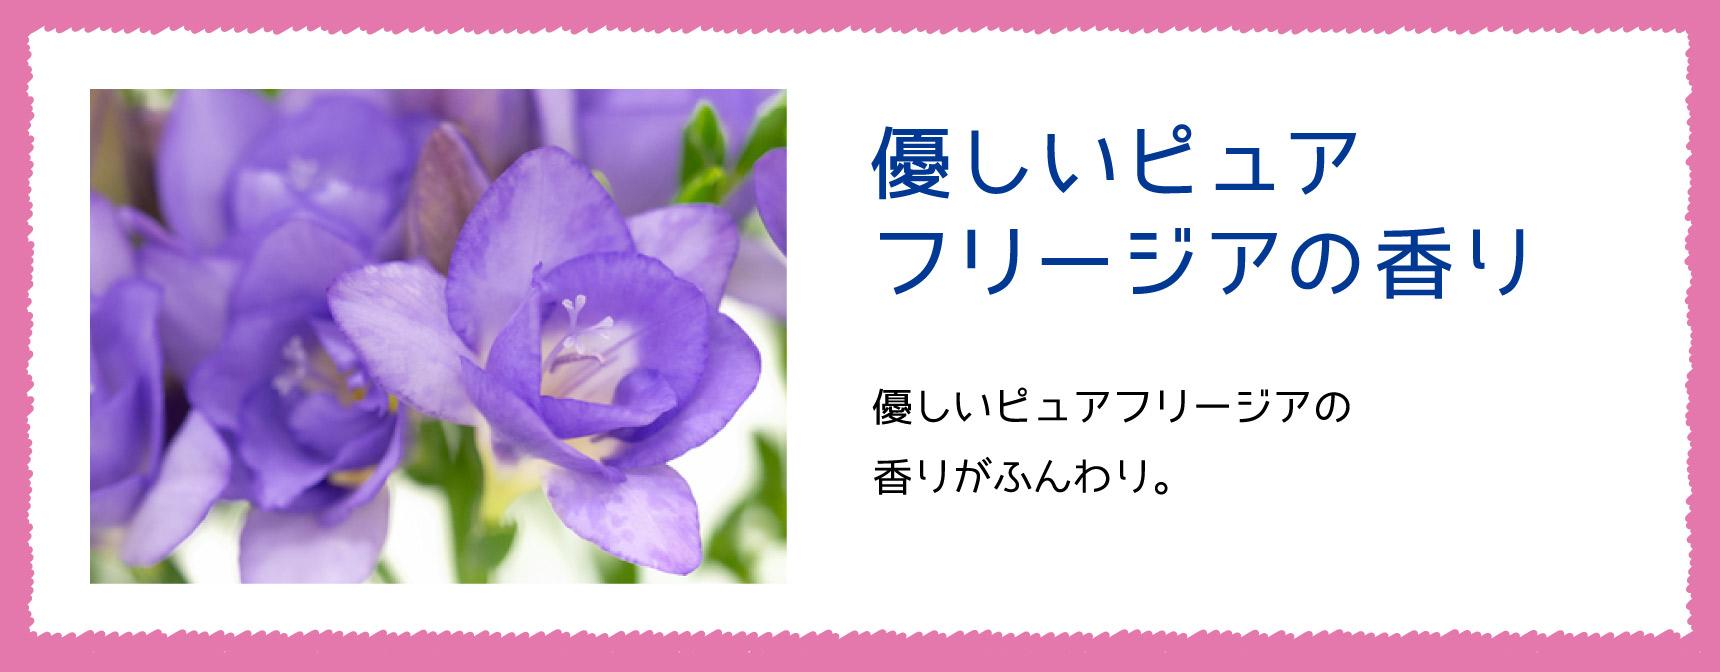 優しいピュアフリージアの香り 優しいピュアフリージアの香りがふんわり。